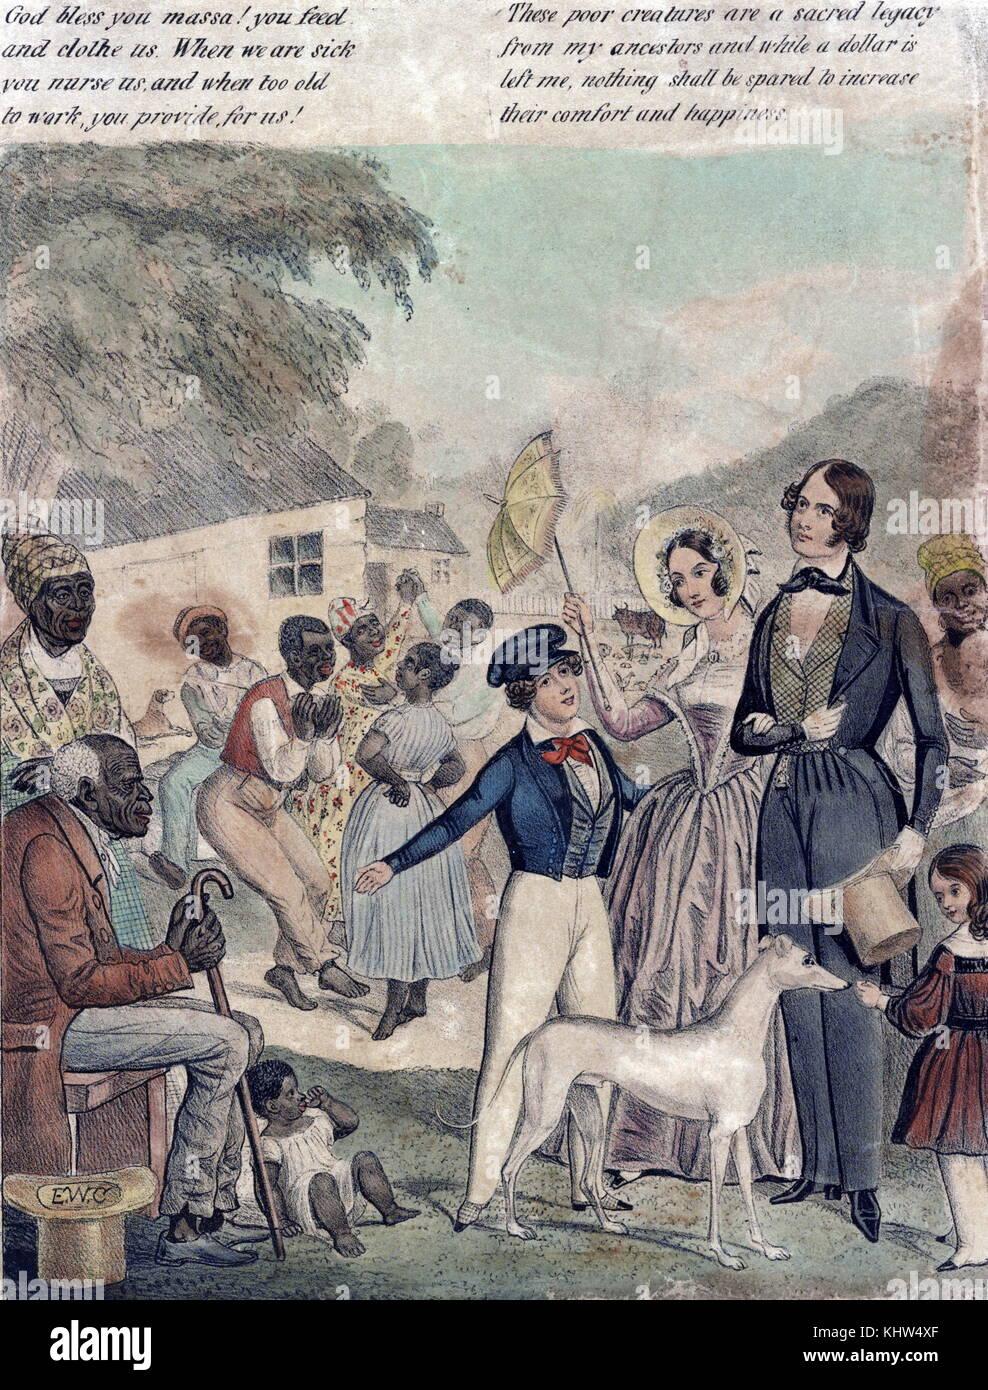 Imprimir mostrando una imagen idealizada de la esclavitud americana y las condiciones de los negros bajo el sistema Imagen De Stock